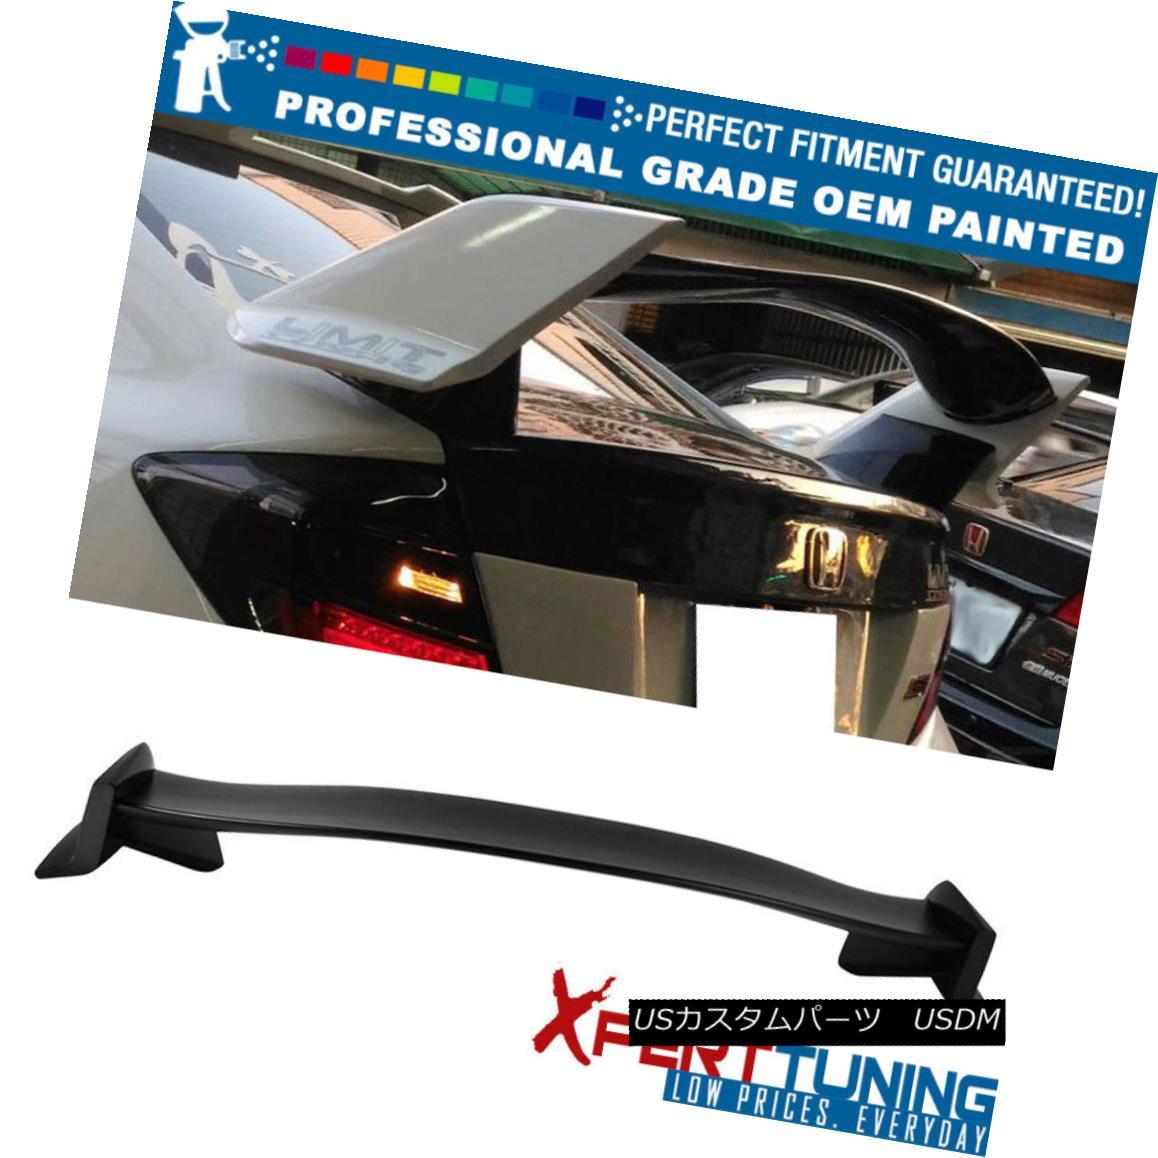 エアロパーツ 12-15 9th Gen FB Civic 4Dr Type R Painted ABS Trunk Spoiler - OEM Painted Color 12-15第9世代FB市民4DrタイプR塗装ABSトランク・スポイラー - OEM塗装色